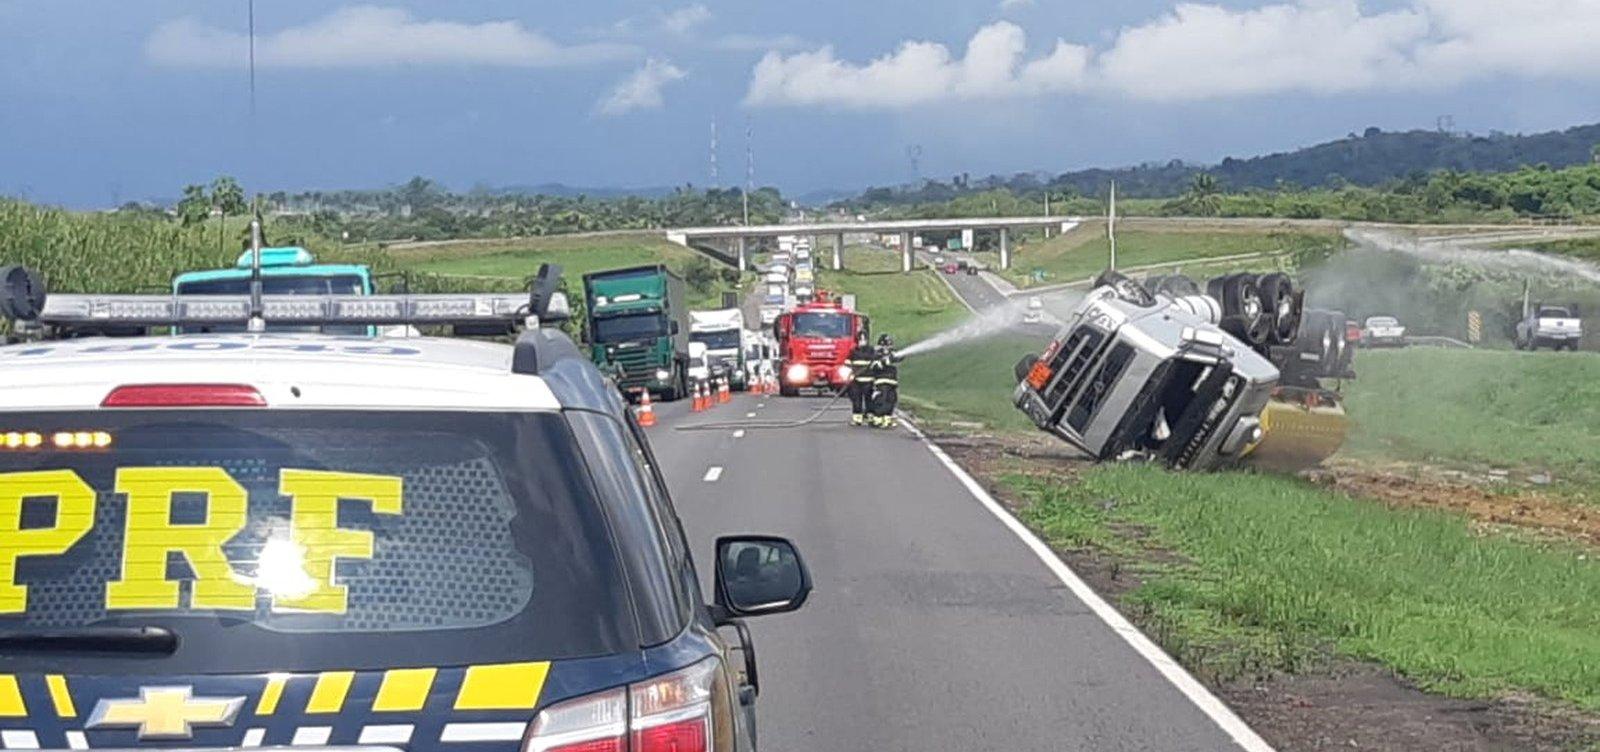 Após acidente com caminhão-tanque, trânsito é liberado na BR-324